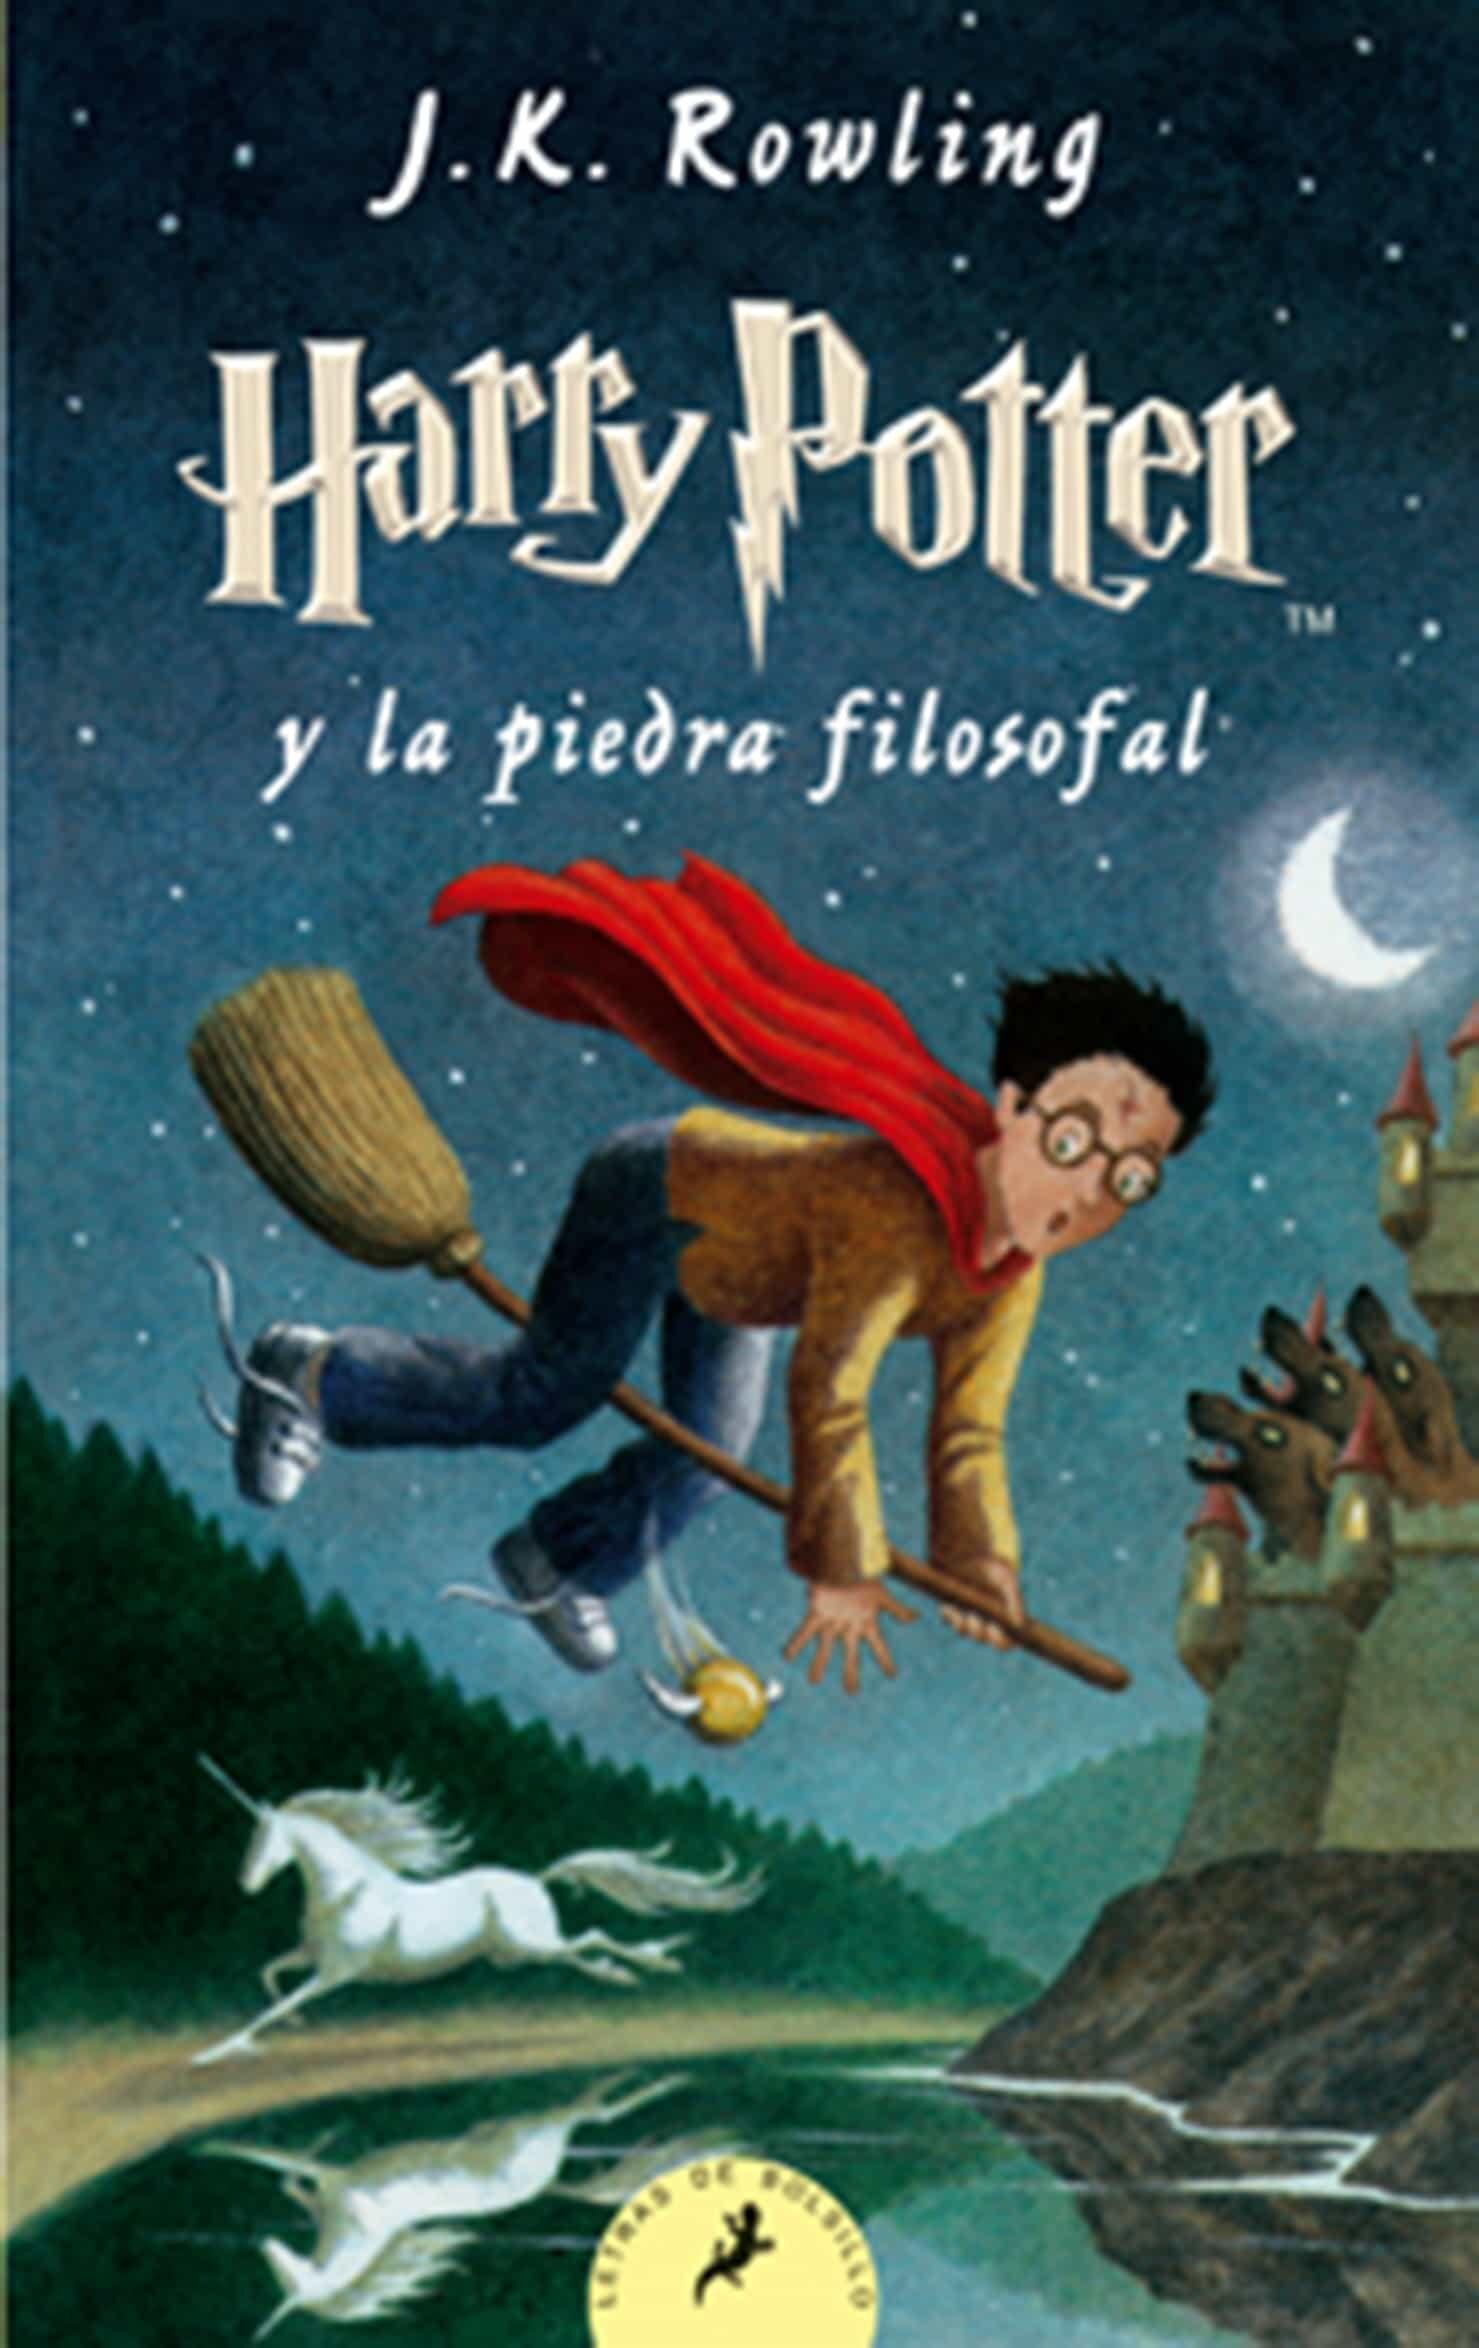 Libros de Harry Potter. 20 libros que leer con tus hijos